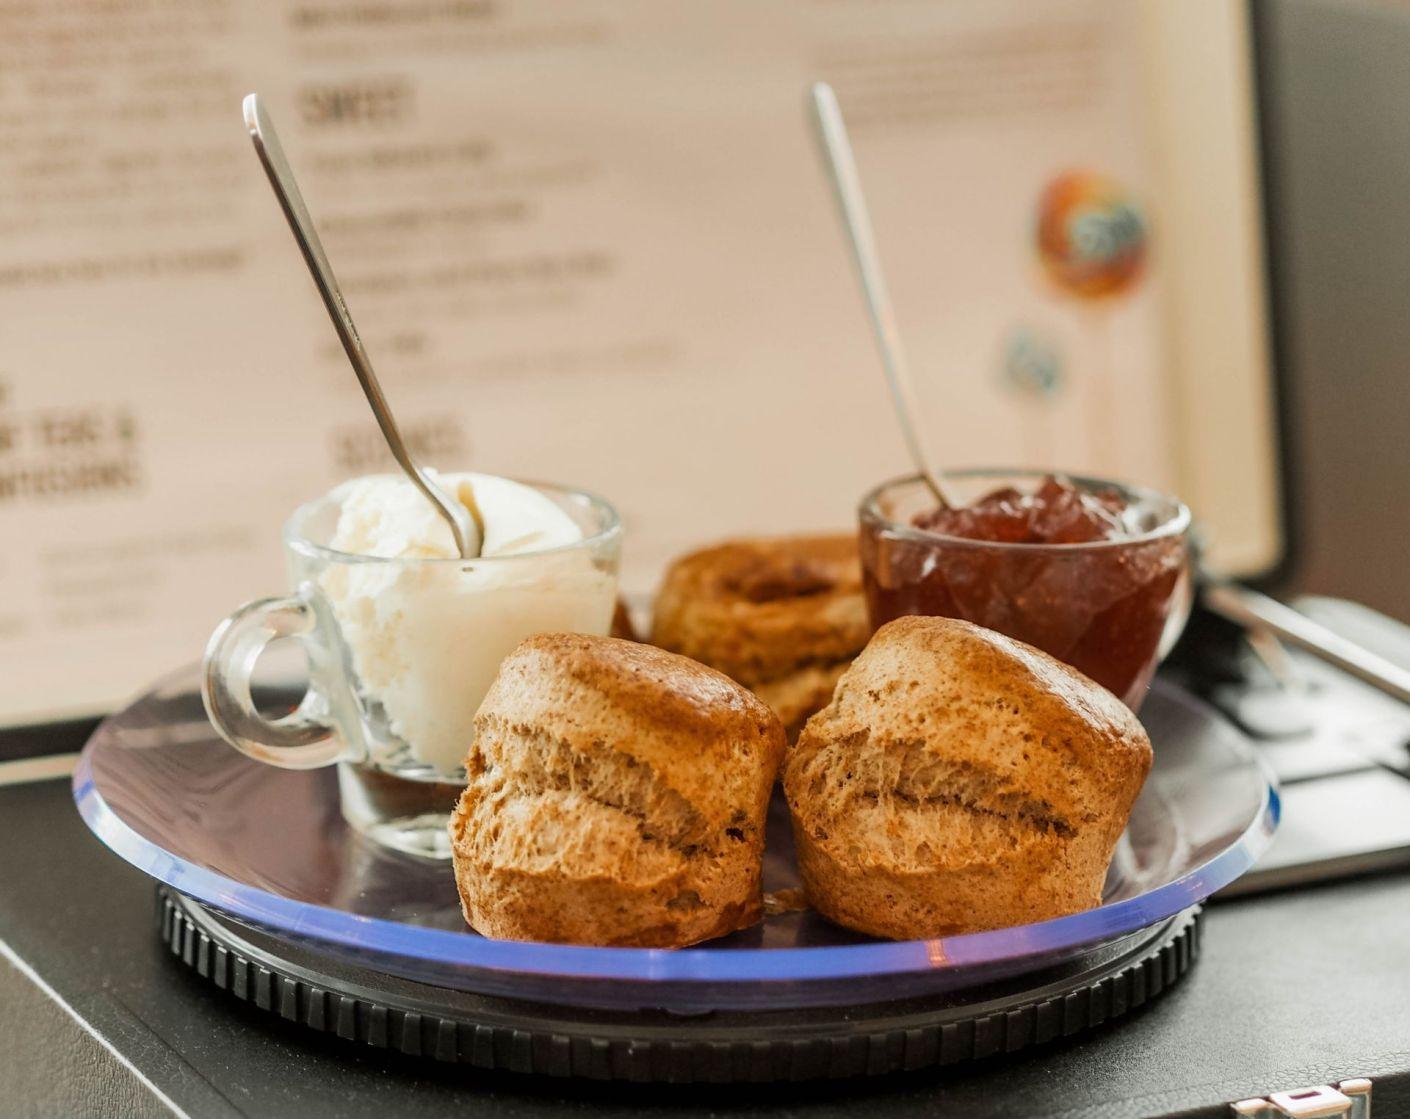 retro afternoon tea, kate winney, little miss winney, k west hotel, afternoon tea london